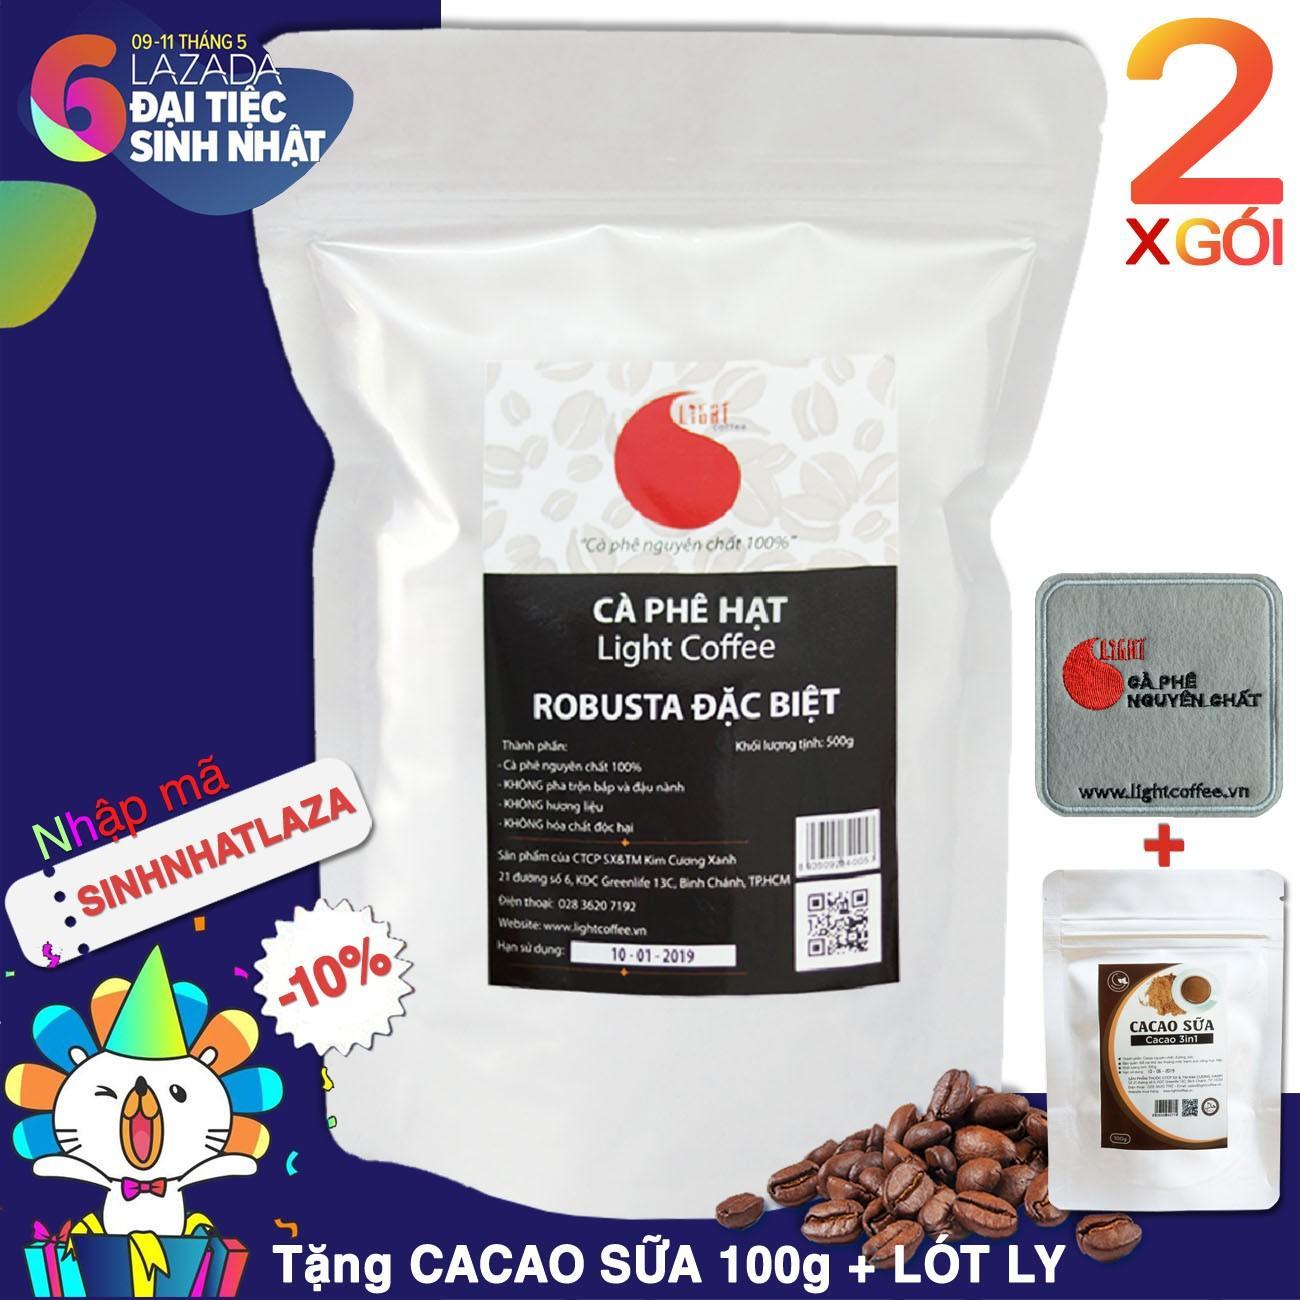 Bán Ca Phe Hạt Robusta Đặc Biệt Nguyen Chất 100 T Light Coffee 2 Goi 500Gr Goi Light Coffee